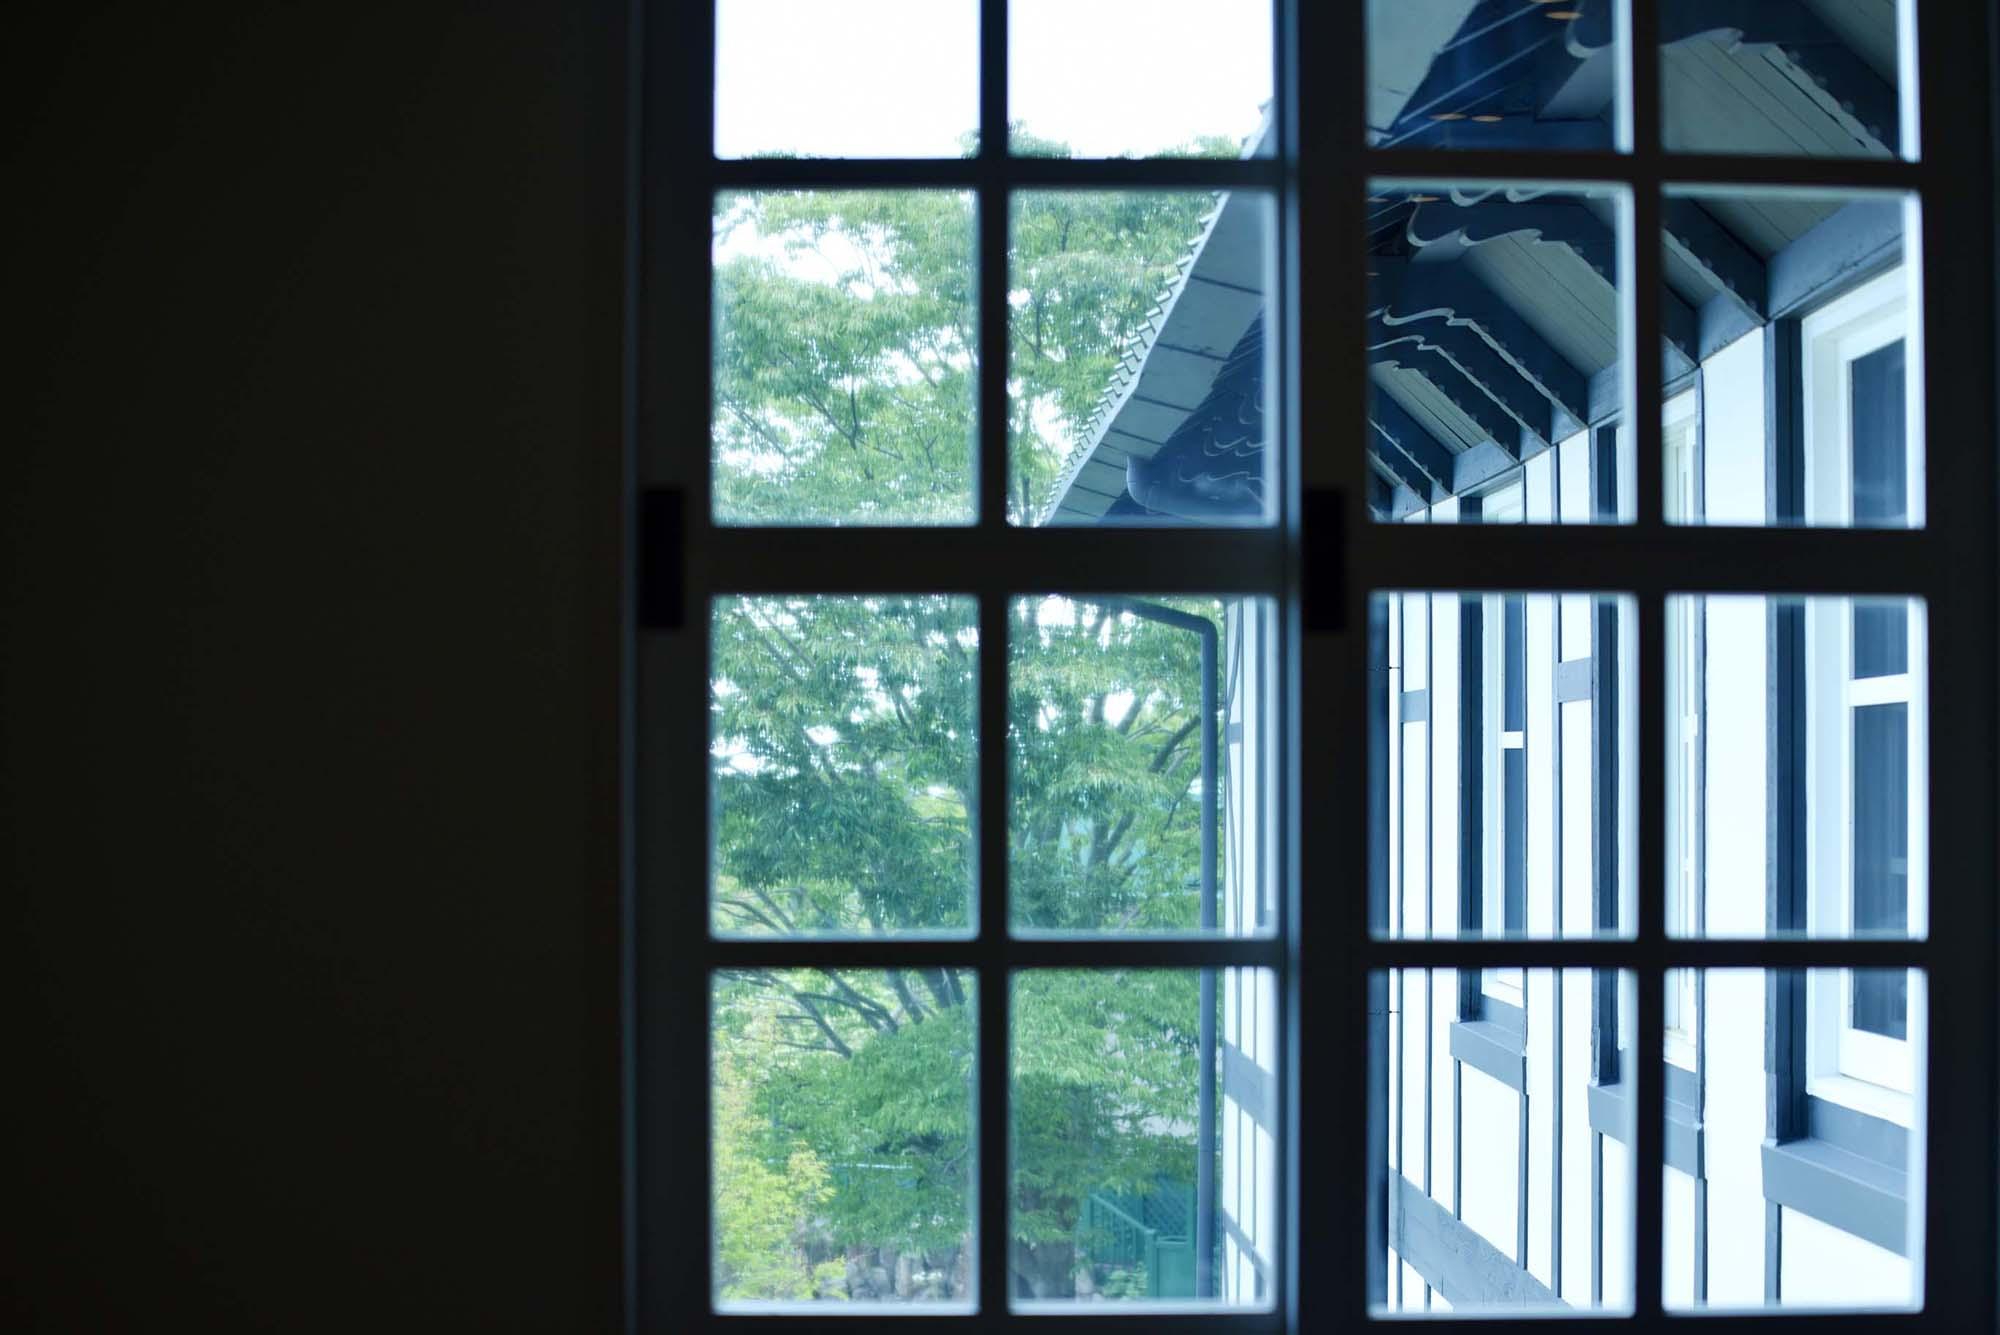 どの窓からも豊かな六甲山の森の緑を眺めることができる。